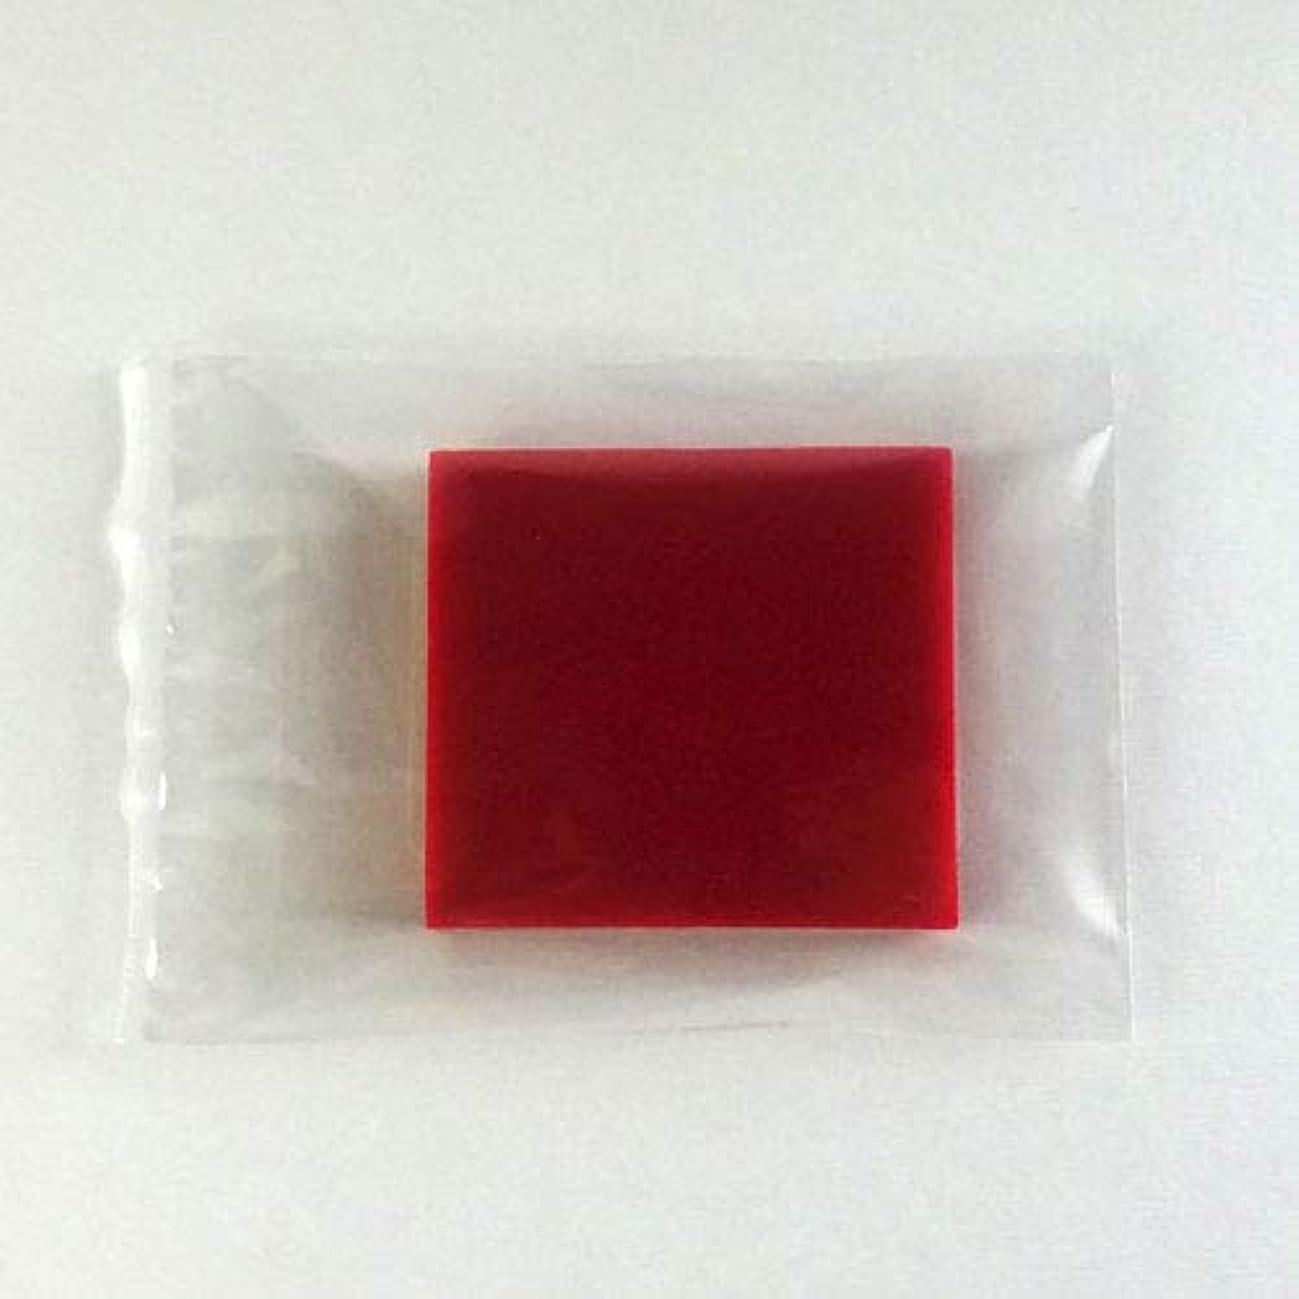 振り向く平野プライムグリセリンソープ MPソープ 色チップ 赤(レッド) 30g